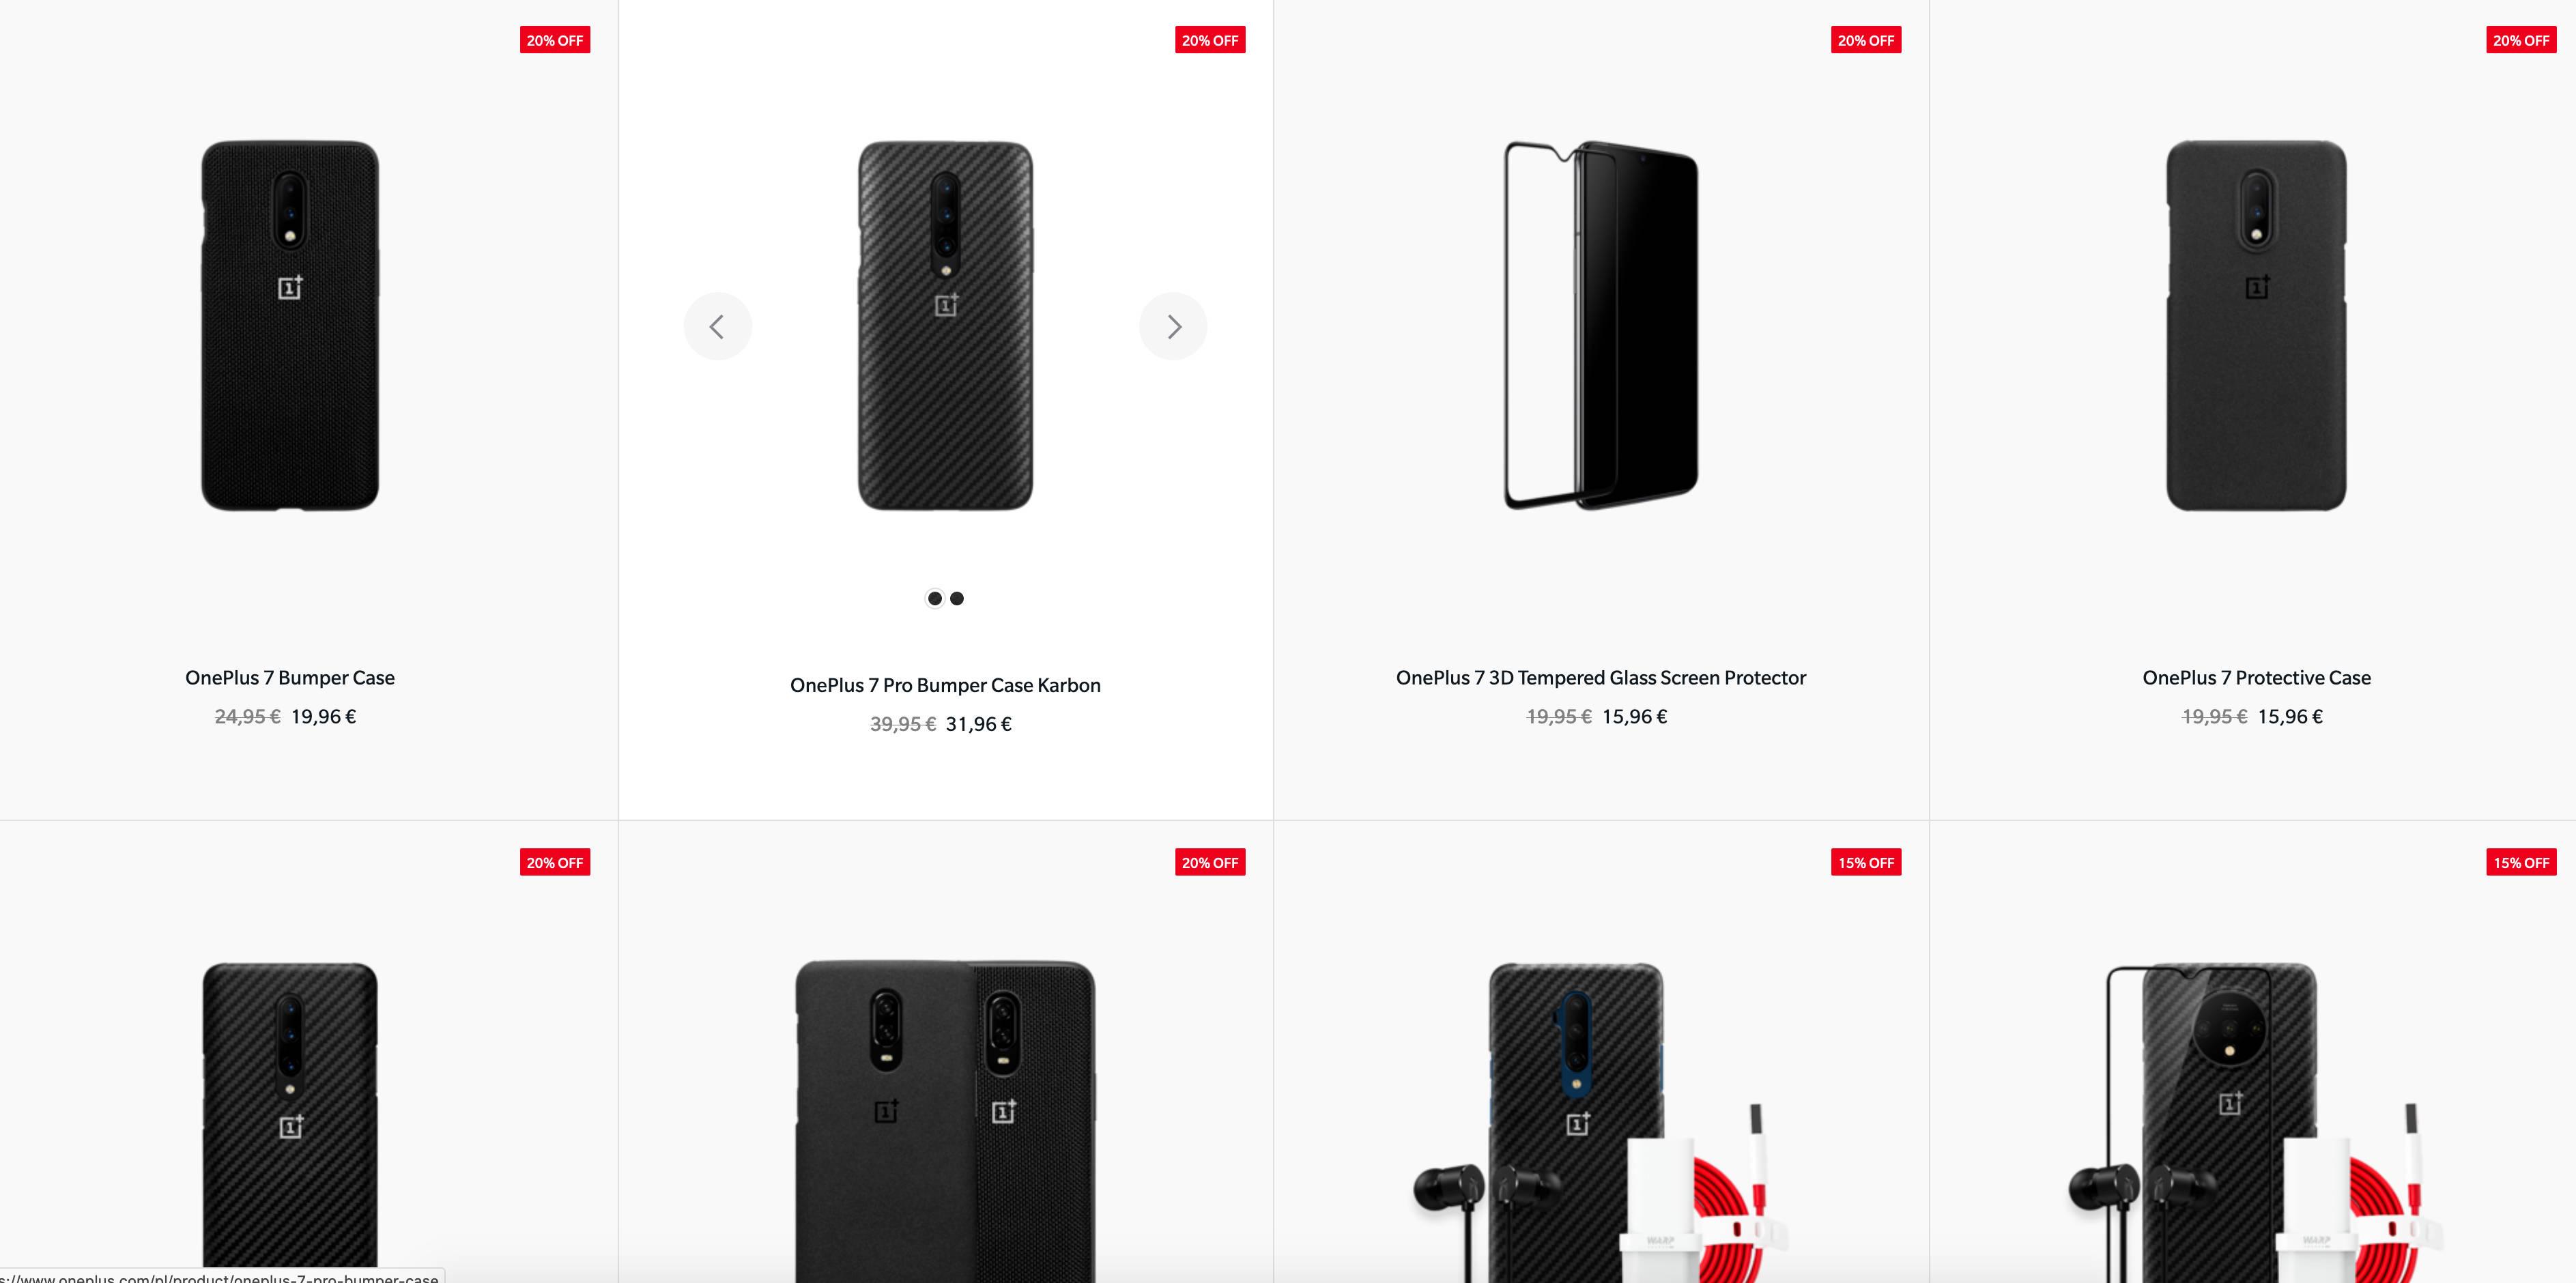 OnePlus 7 Pro niższa cena z okazji Black Friday Czarny Piątek promocja